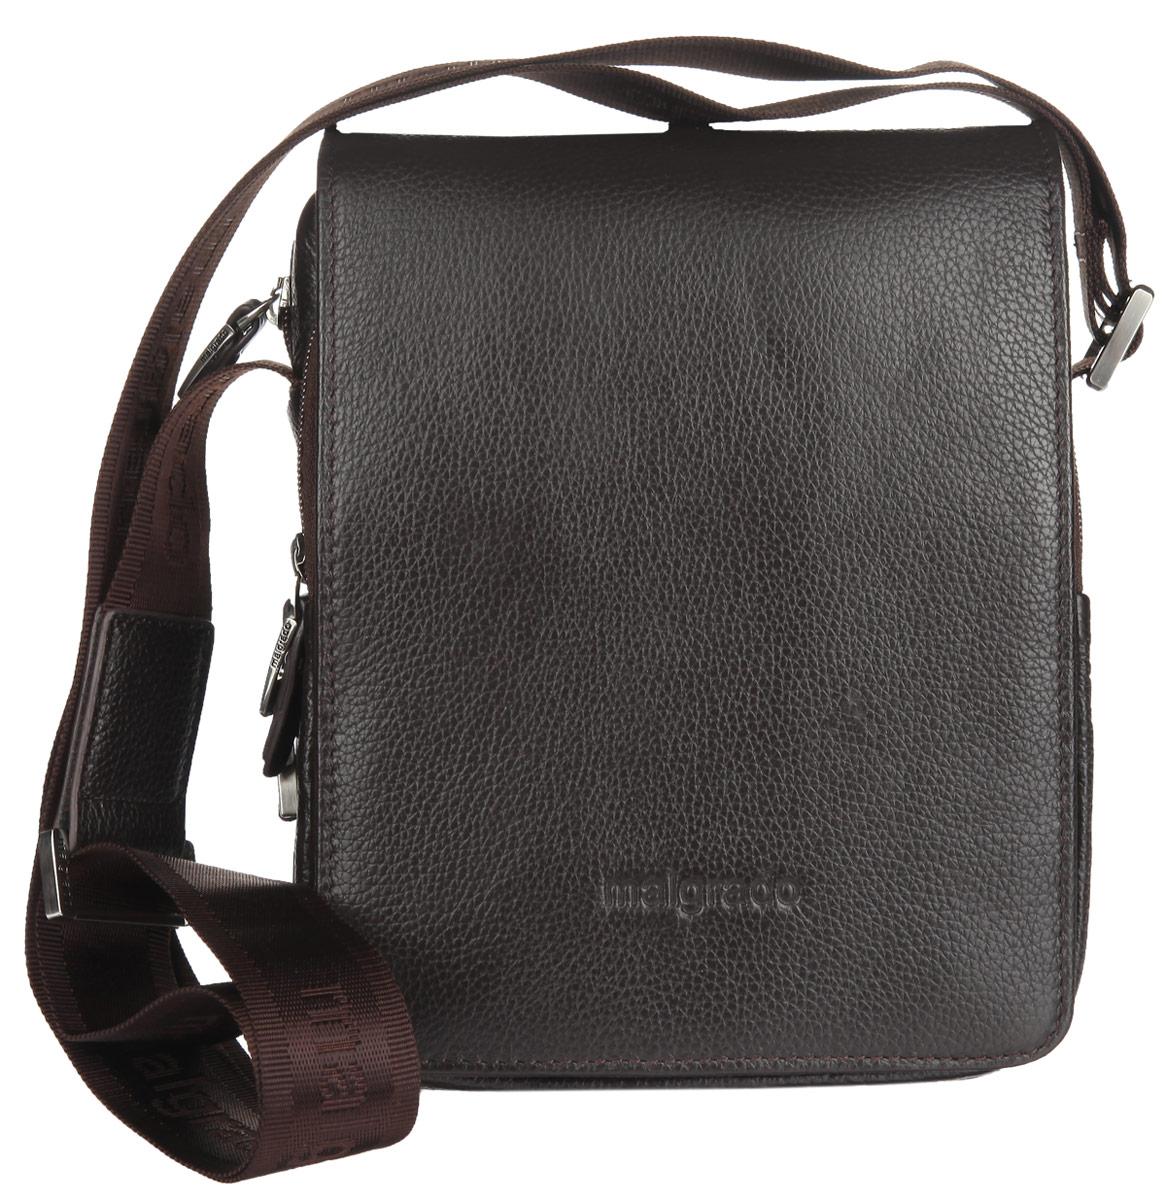 Сумка мужская Malgrado, цвет: коричневый. BR10-468B4743BR10-468B4743_brownСтильная мужская сумка Malgrado выполнена из натуральной кожи с зернистой фактурой, оформлена металлической фурнитурой и символикой бренда. Сумка содержит одно отделение, которое закрывается на магнитный клапан и дополнительно на застежку-молнию. Внутри изделия расположены: три накладных кармана, врезной карман на молнии и два кожаных фиксатора для письменных принадлежностей. Снаружи, под клапаном, расположены два накладных кармана, один из которых закрывается на молнию. На задней стороне сумки, расположен накладной карман на молнии. Сумка оснащена плечевым ремнем регулируемой длины, который позволит носить изделие, как в руках, так и на плече. Практичный аксессуар позволит вам завершить образ и подчеркнуть деловой стиль.